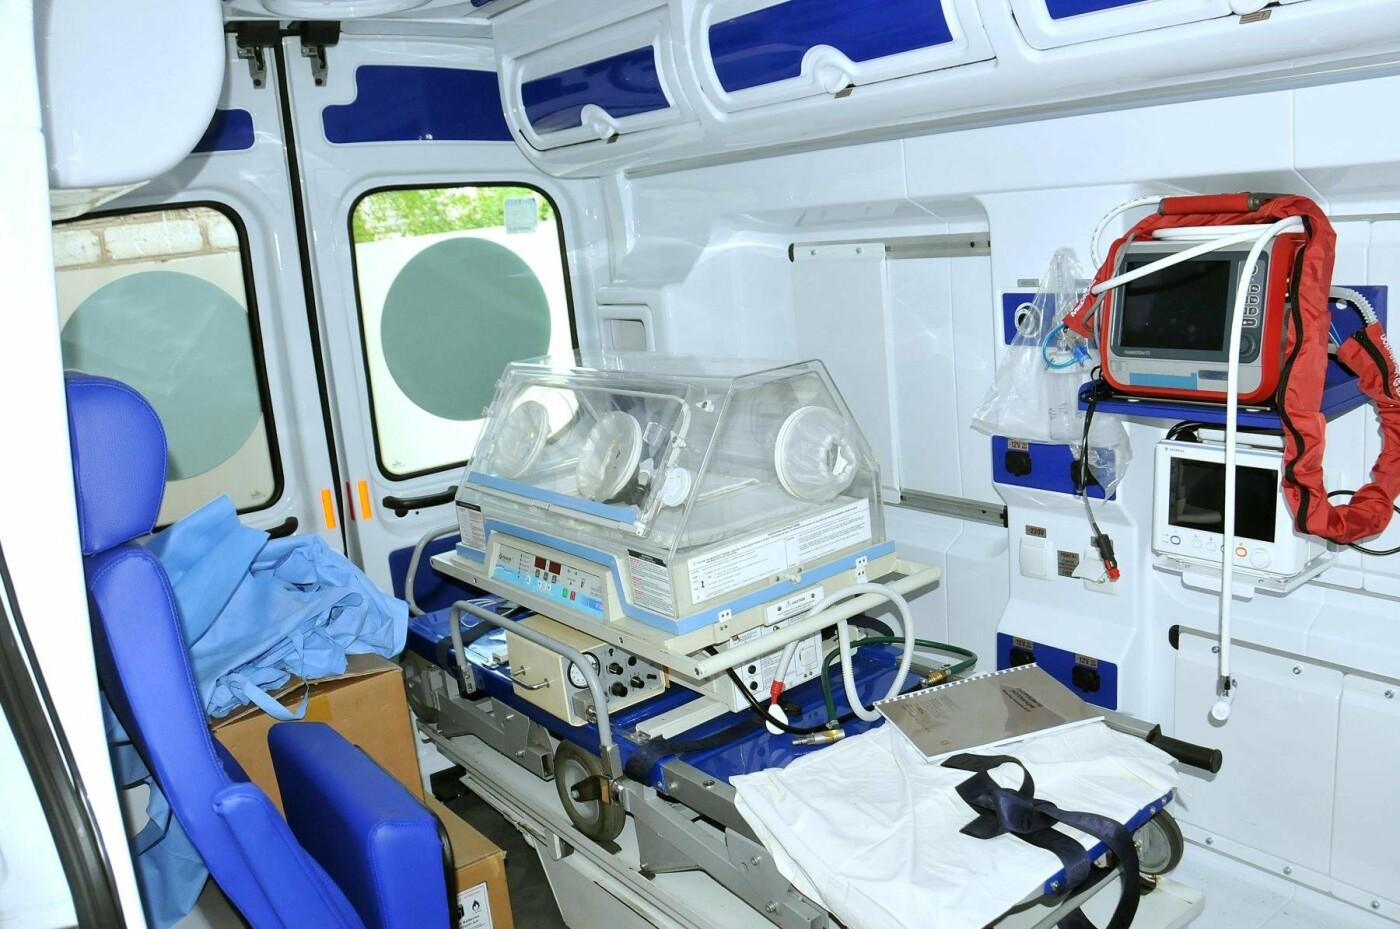 Владислав Марченко: Через месяц в областной детской больнице начнется демонтаж и строительство нового хирургического блока, фото-9